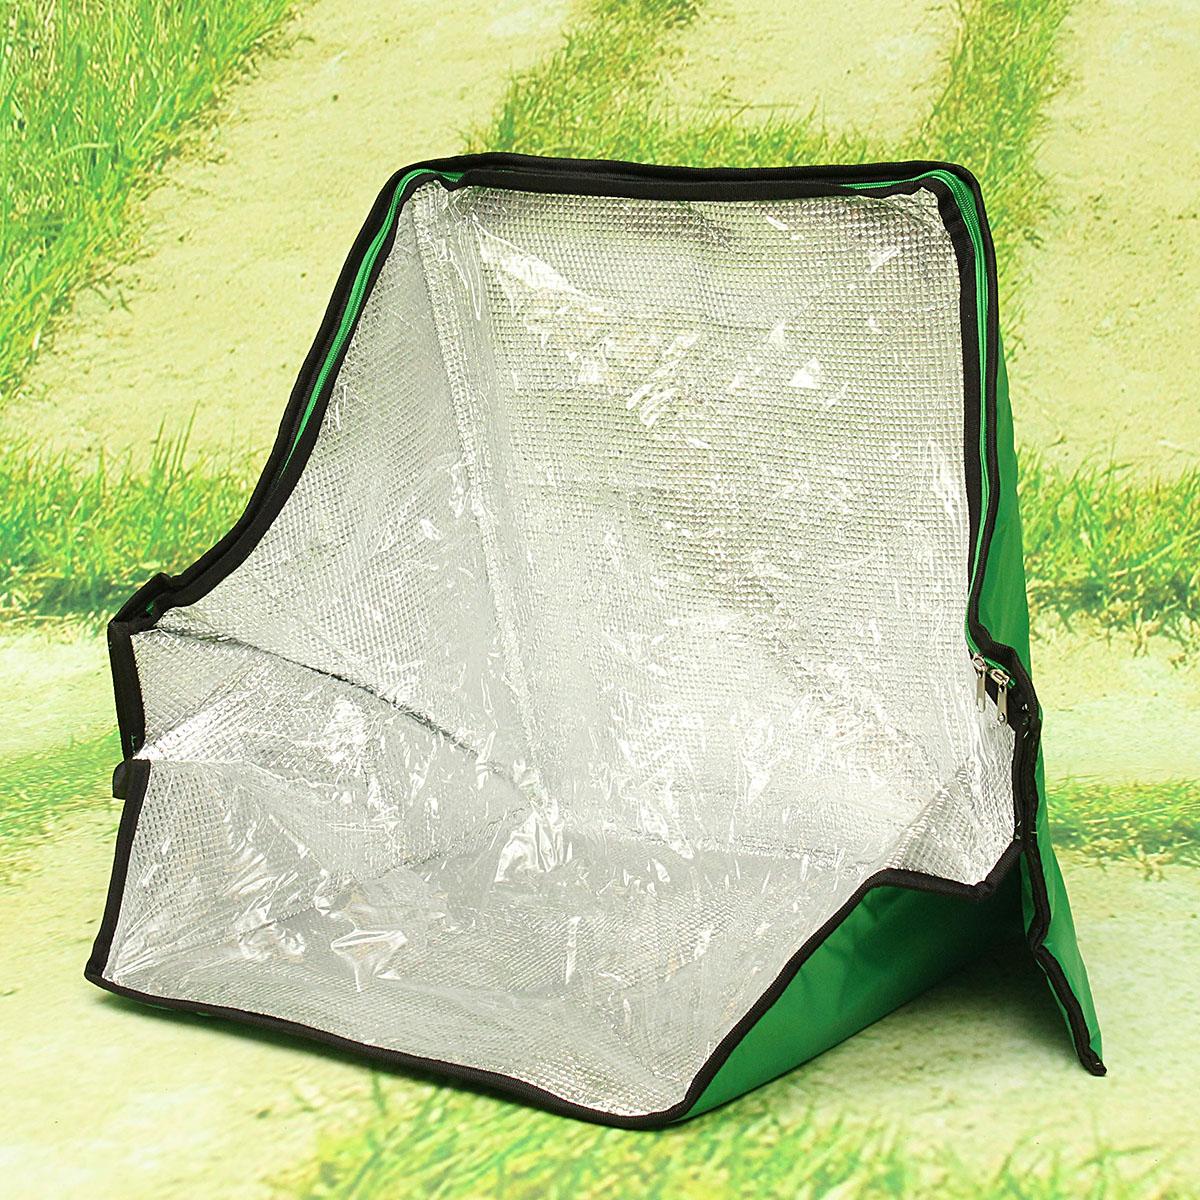 tempsa portable solaire four sac pliabe pour cuisine pour ext rieur. Black Bedroom Furniture Sets. Home Design Ideas